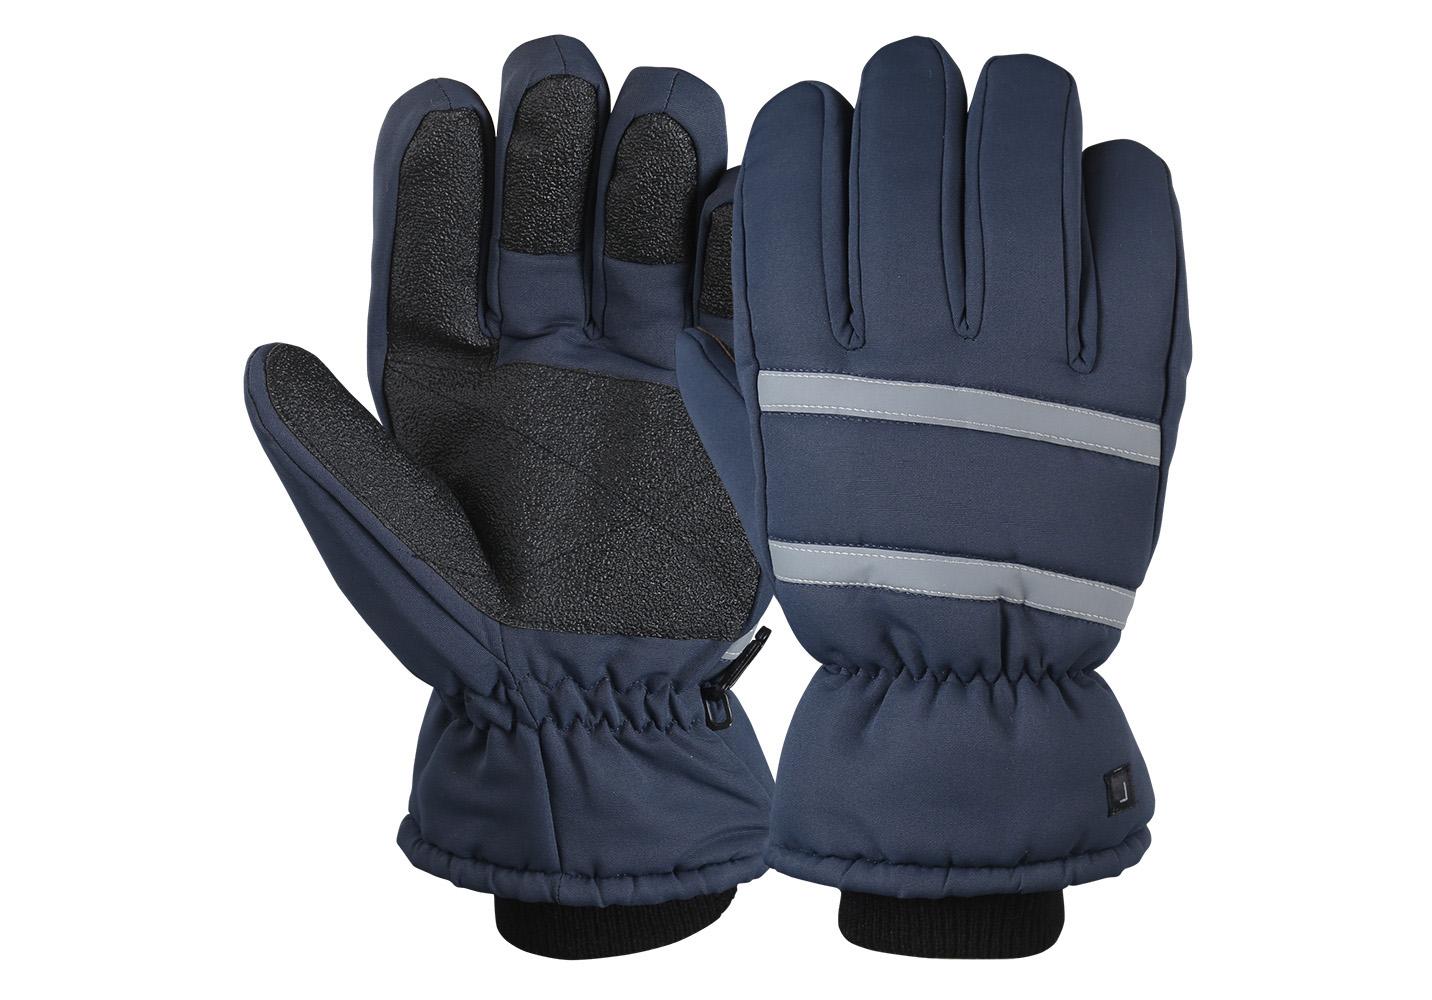 Waterproof Ski Winter Gloves/WKR-003-N